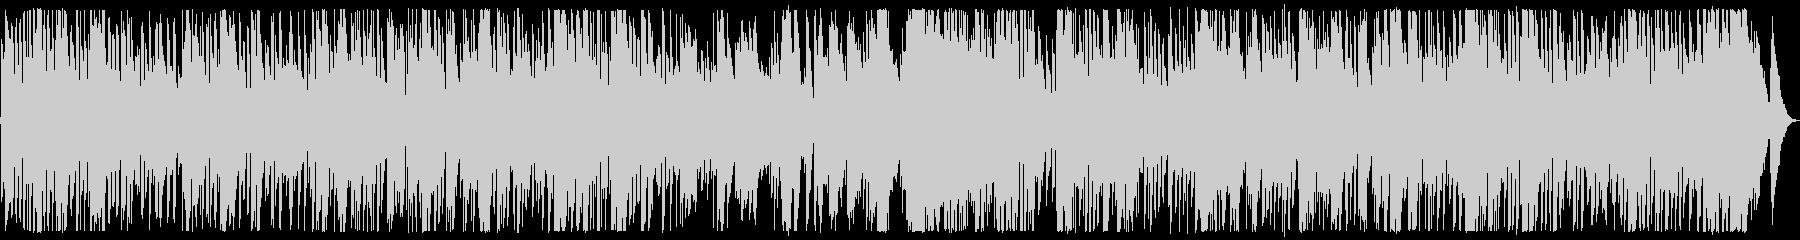 軽やかで明るいメロディのボサノバの未再生の波形